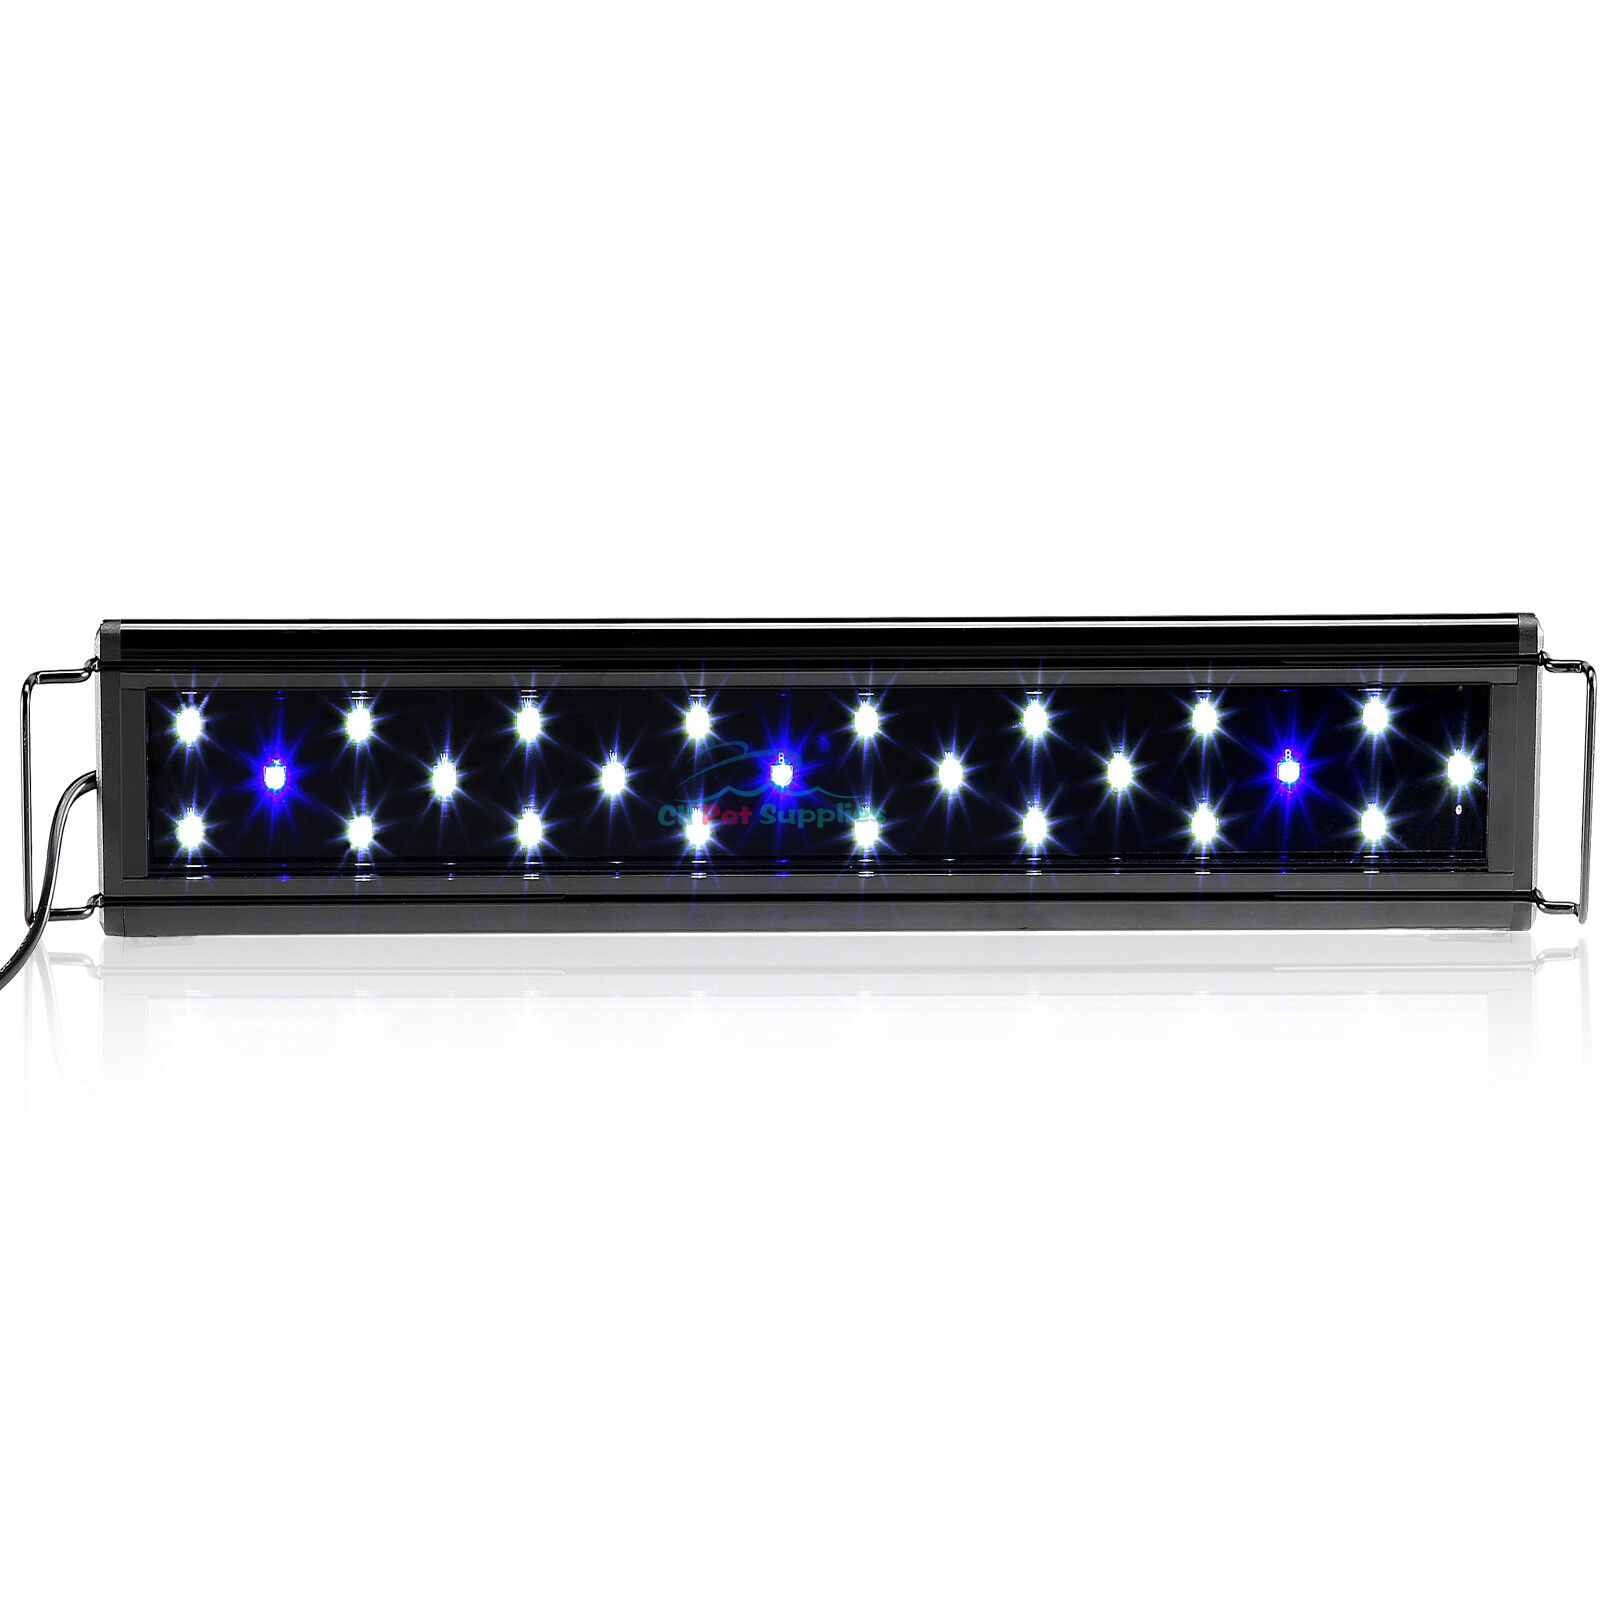 AQUANEAT 0.5W LED Aquarium Light Marine FOWLR Blue & White 24/36 Inch 1